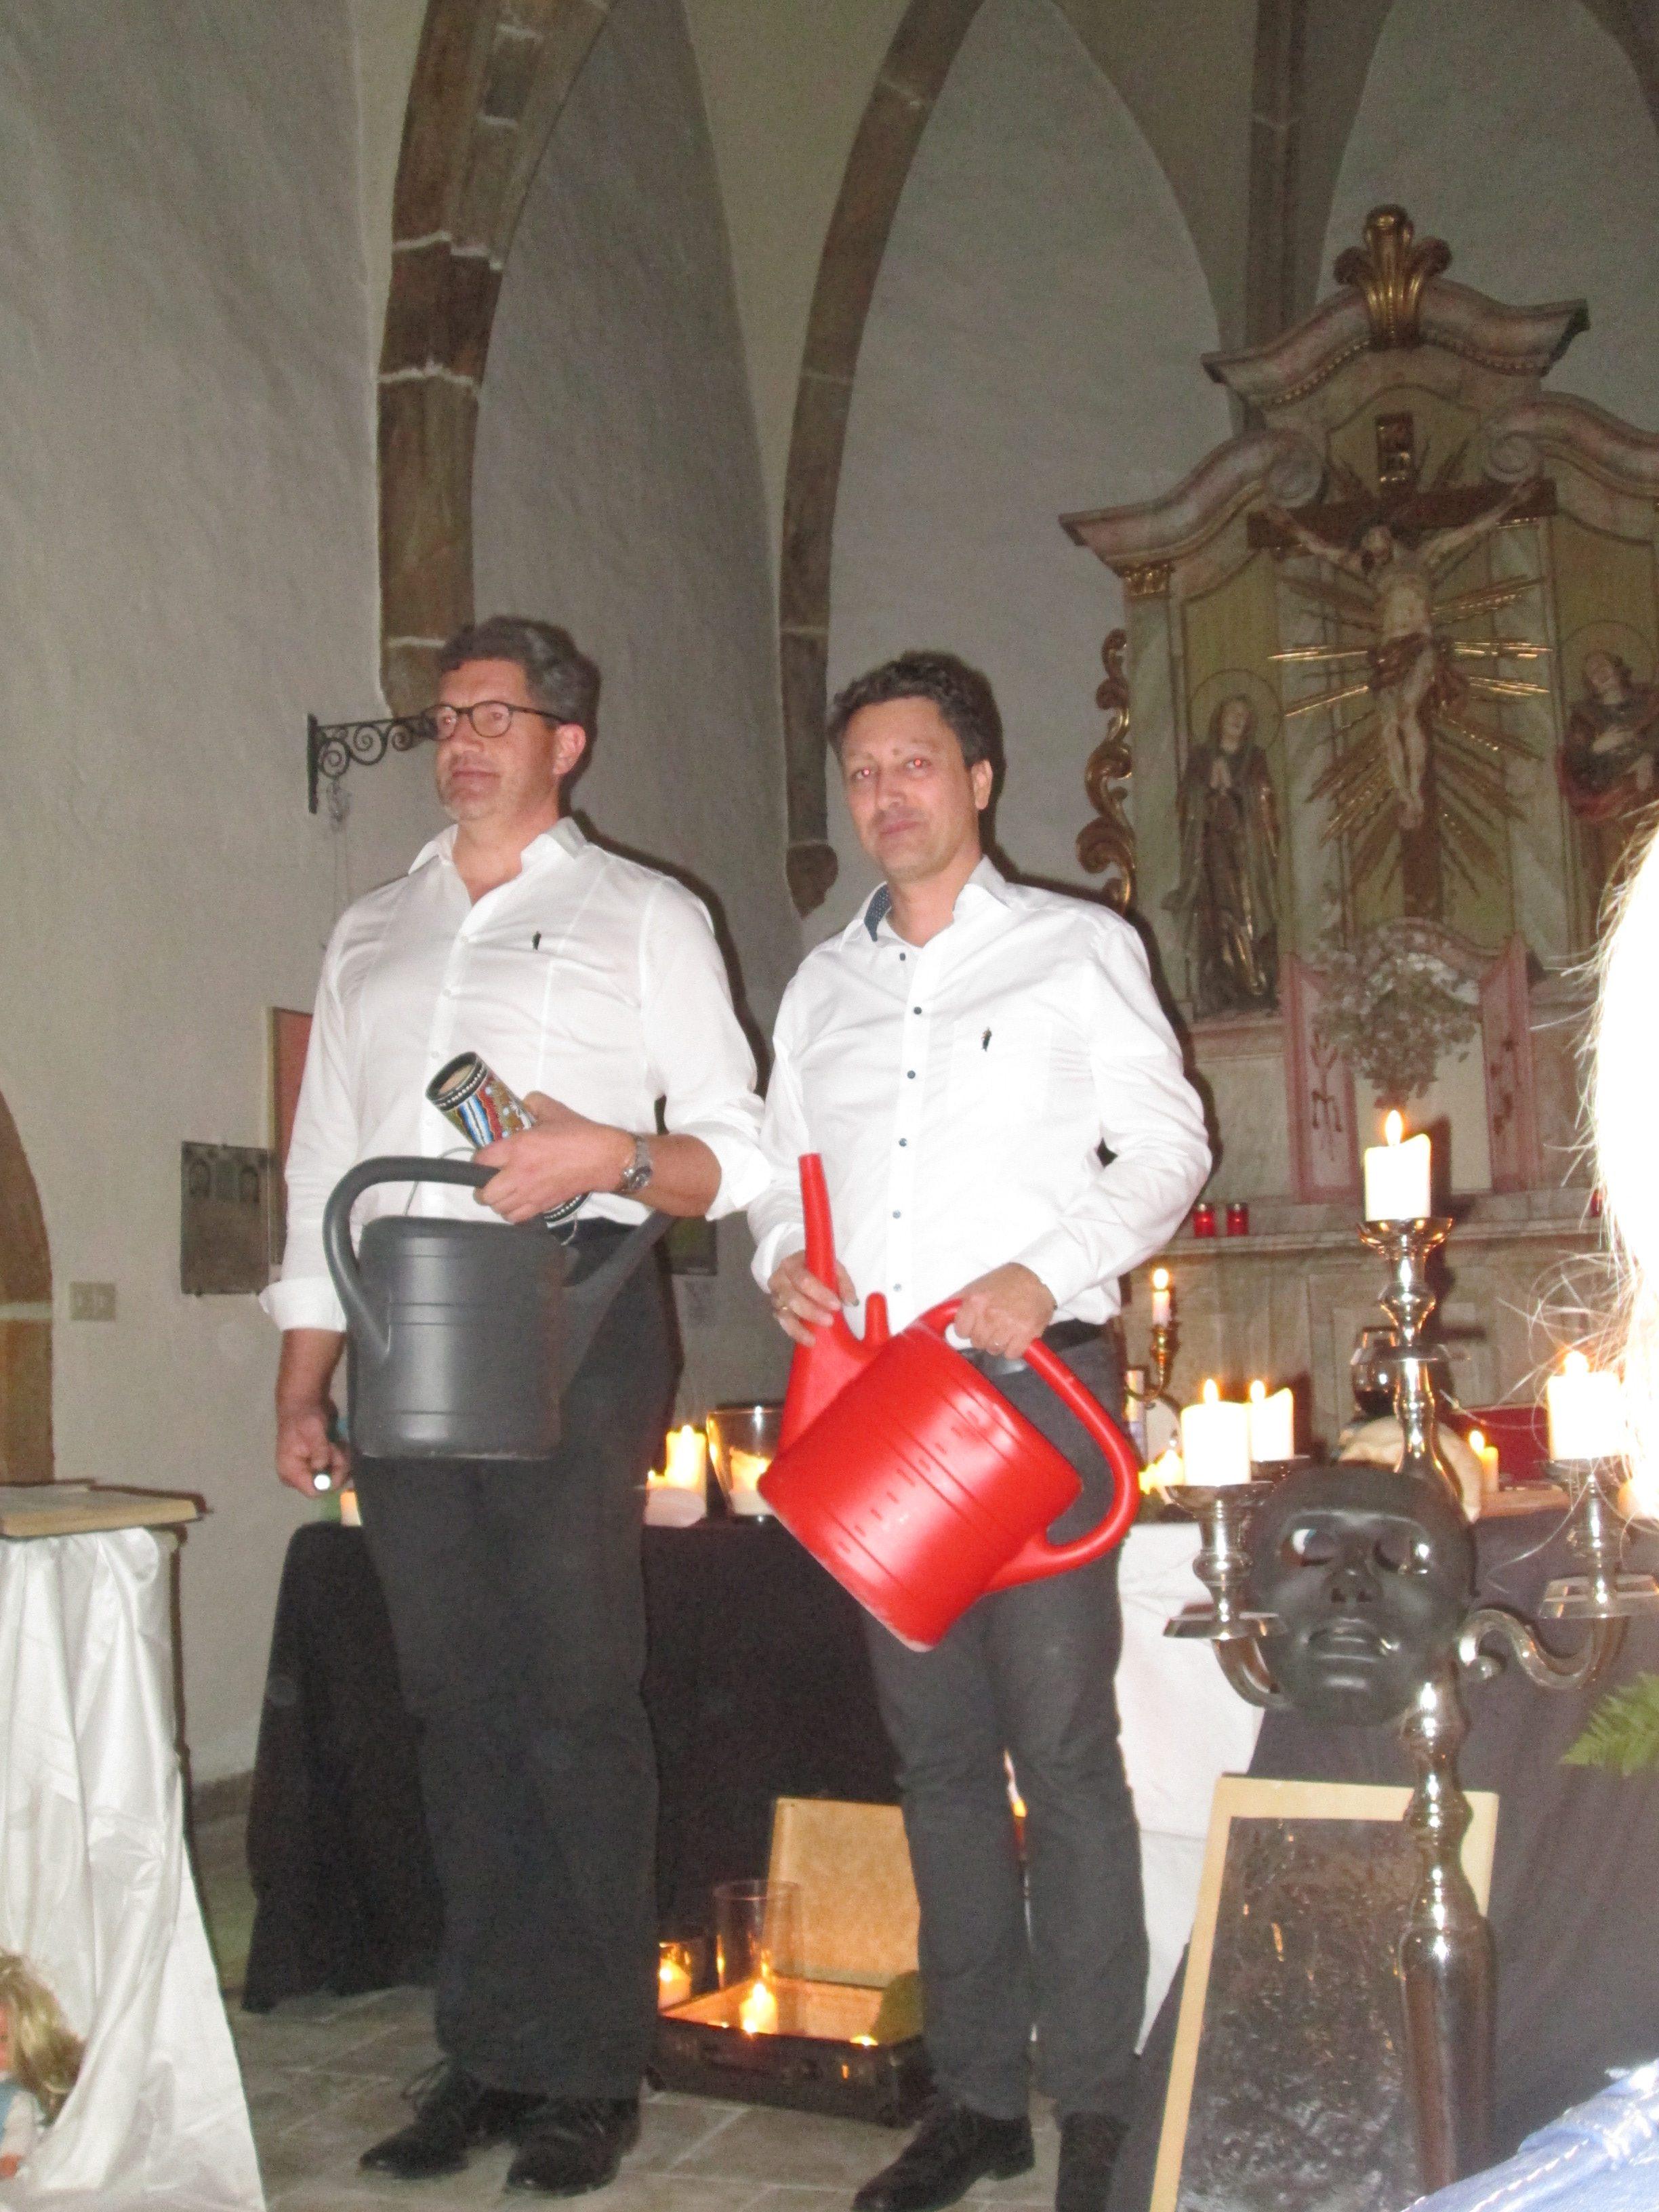 Ouvertüre für zwei Gießkannenbläser: Michael Braun & Michael Chwatal sorgten für einen nicht alltäglichen Auftakt für eine Lyrik-Lesung. Foto: Maria Wunder